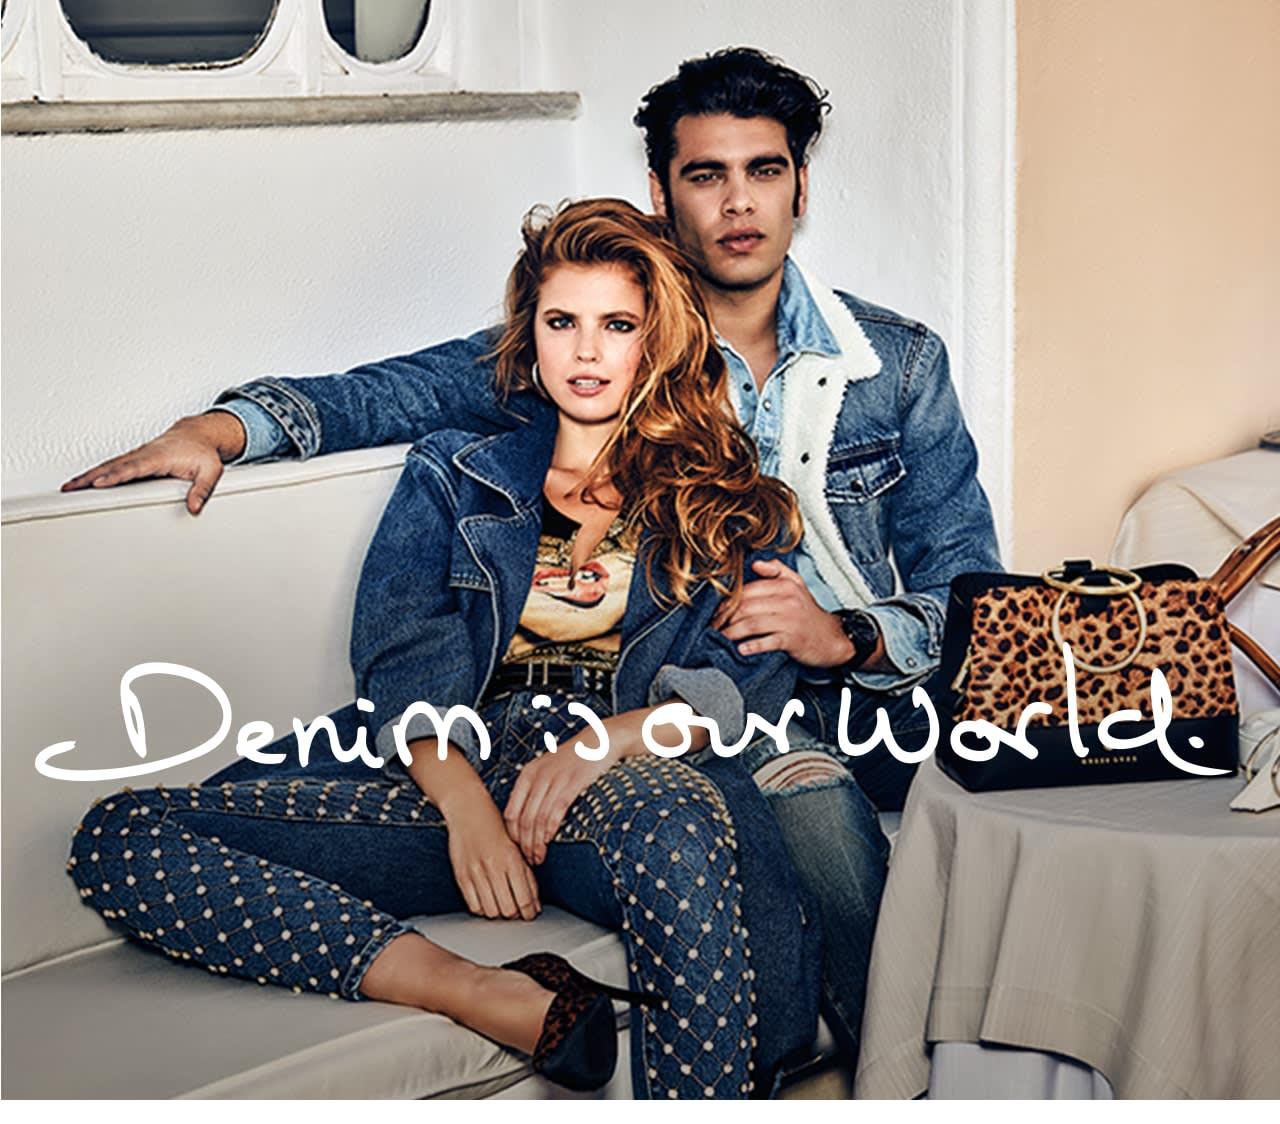 Denim for women and men